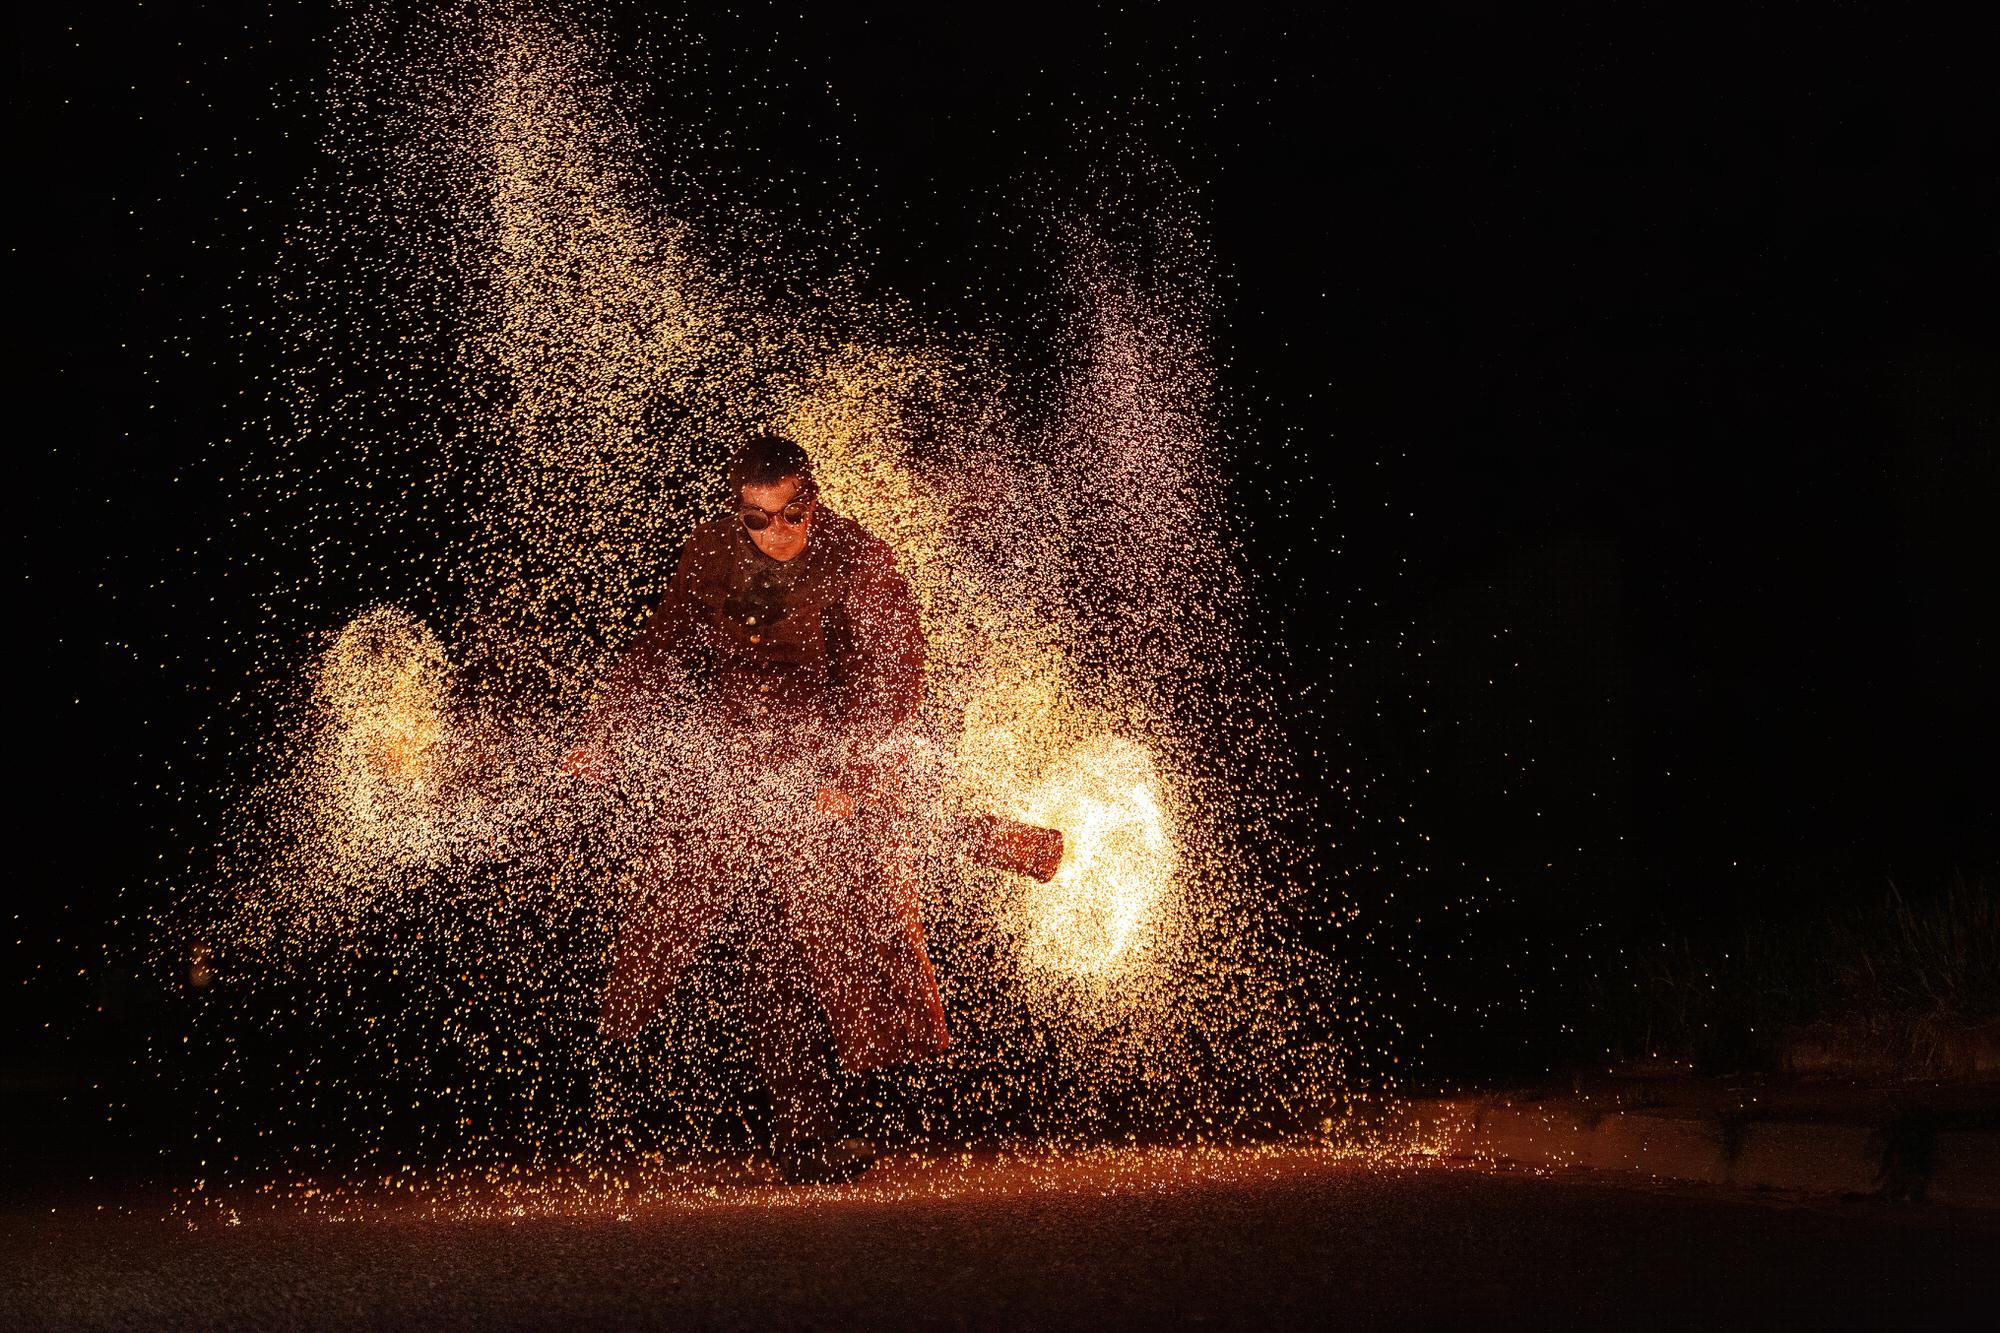 Feuerkünstler mit Funkenstab - Kohlestab bei einer Show